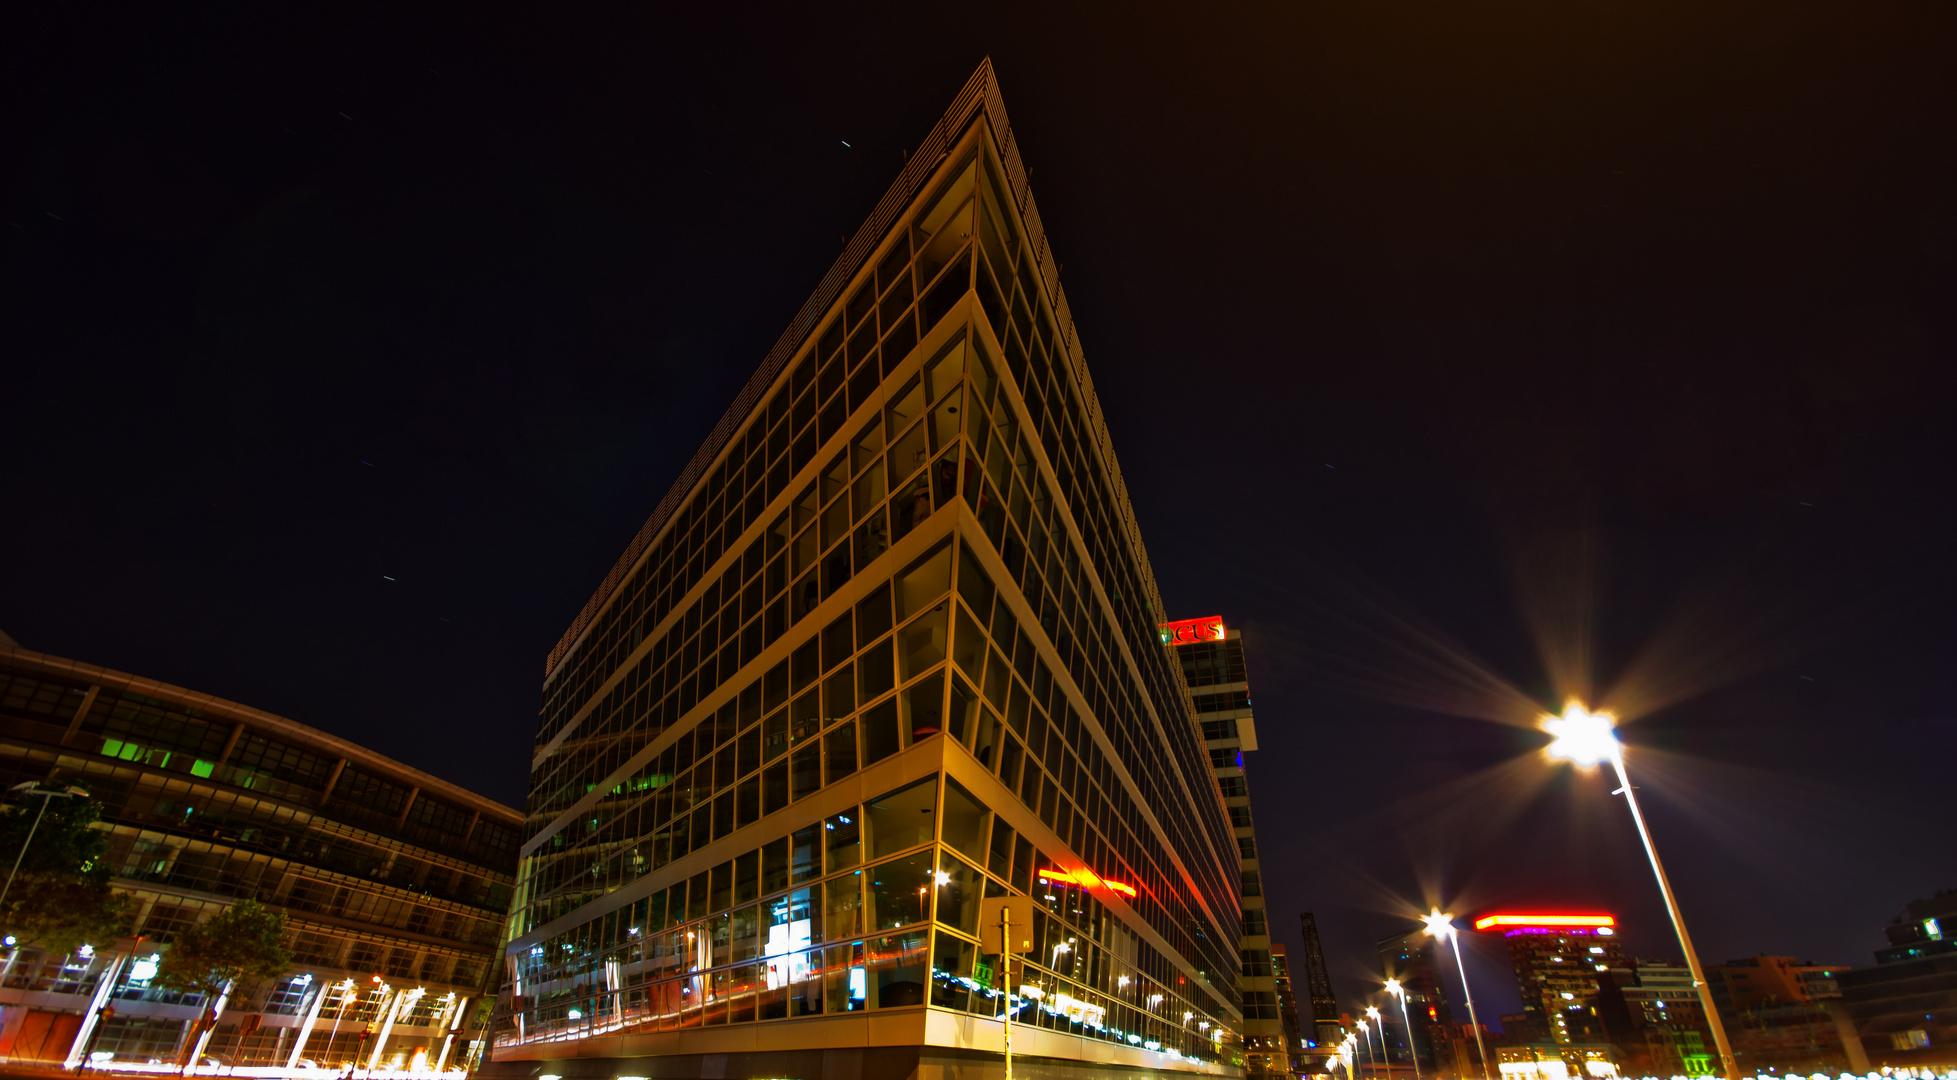 Medienhafen Düsseldorf eine andere ecke